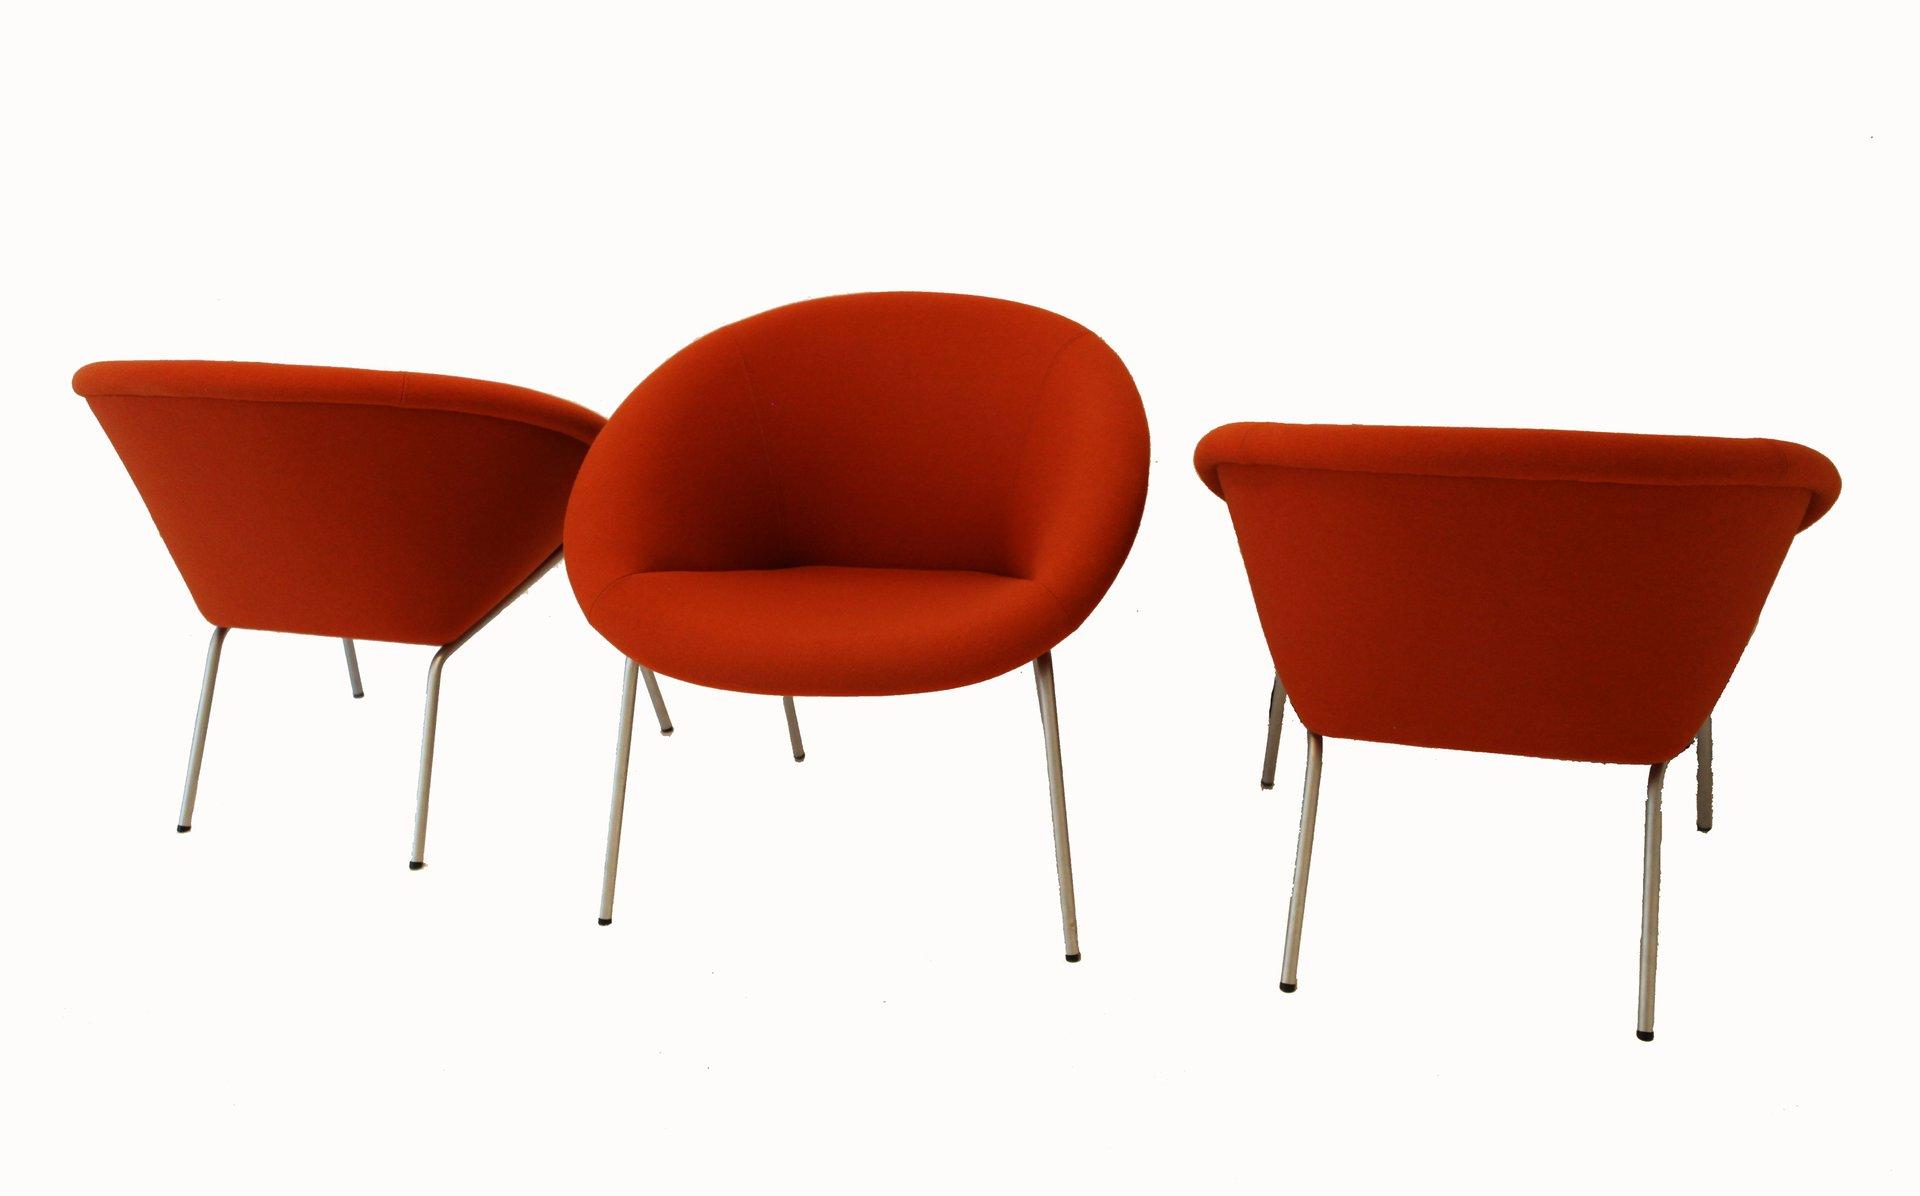 vintage 369 stuhl von walter knoll bei pamono kaufen, Hause deko